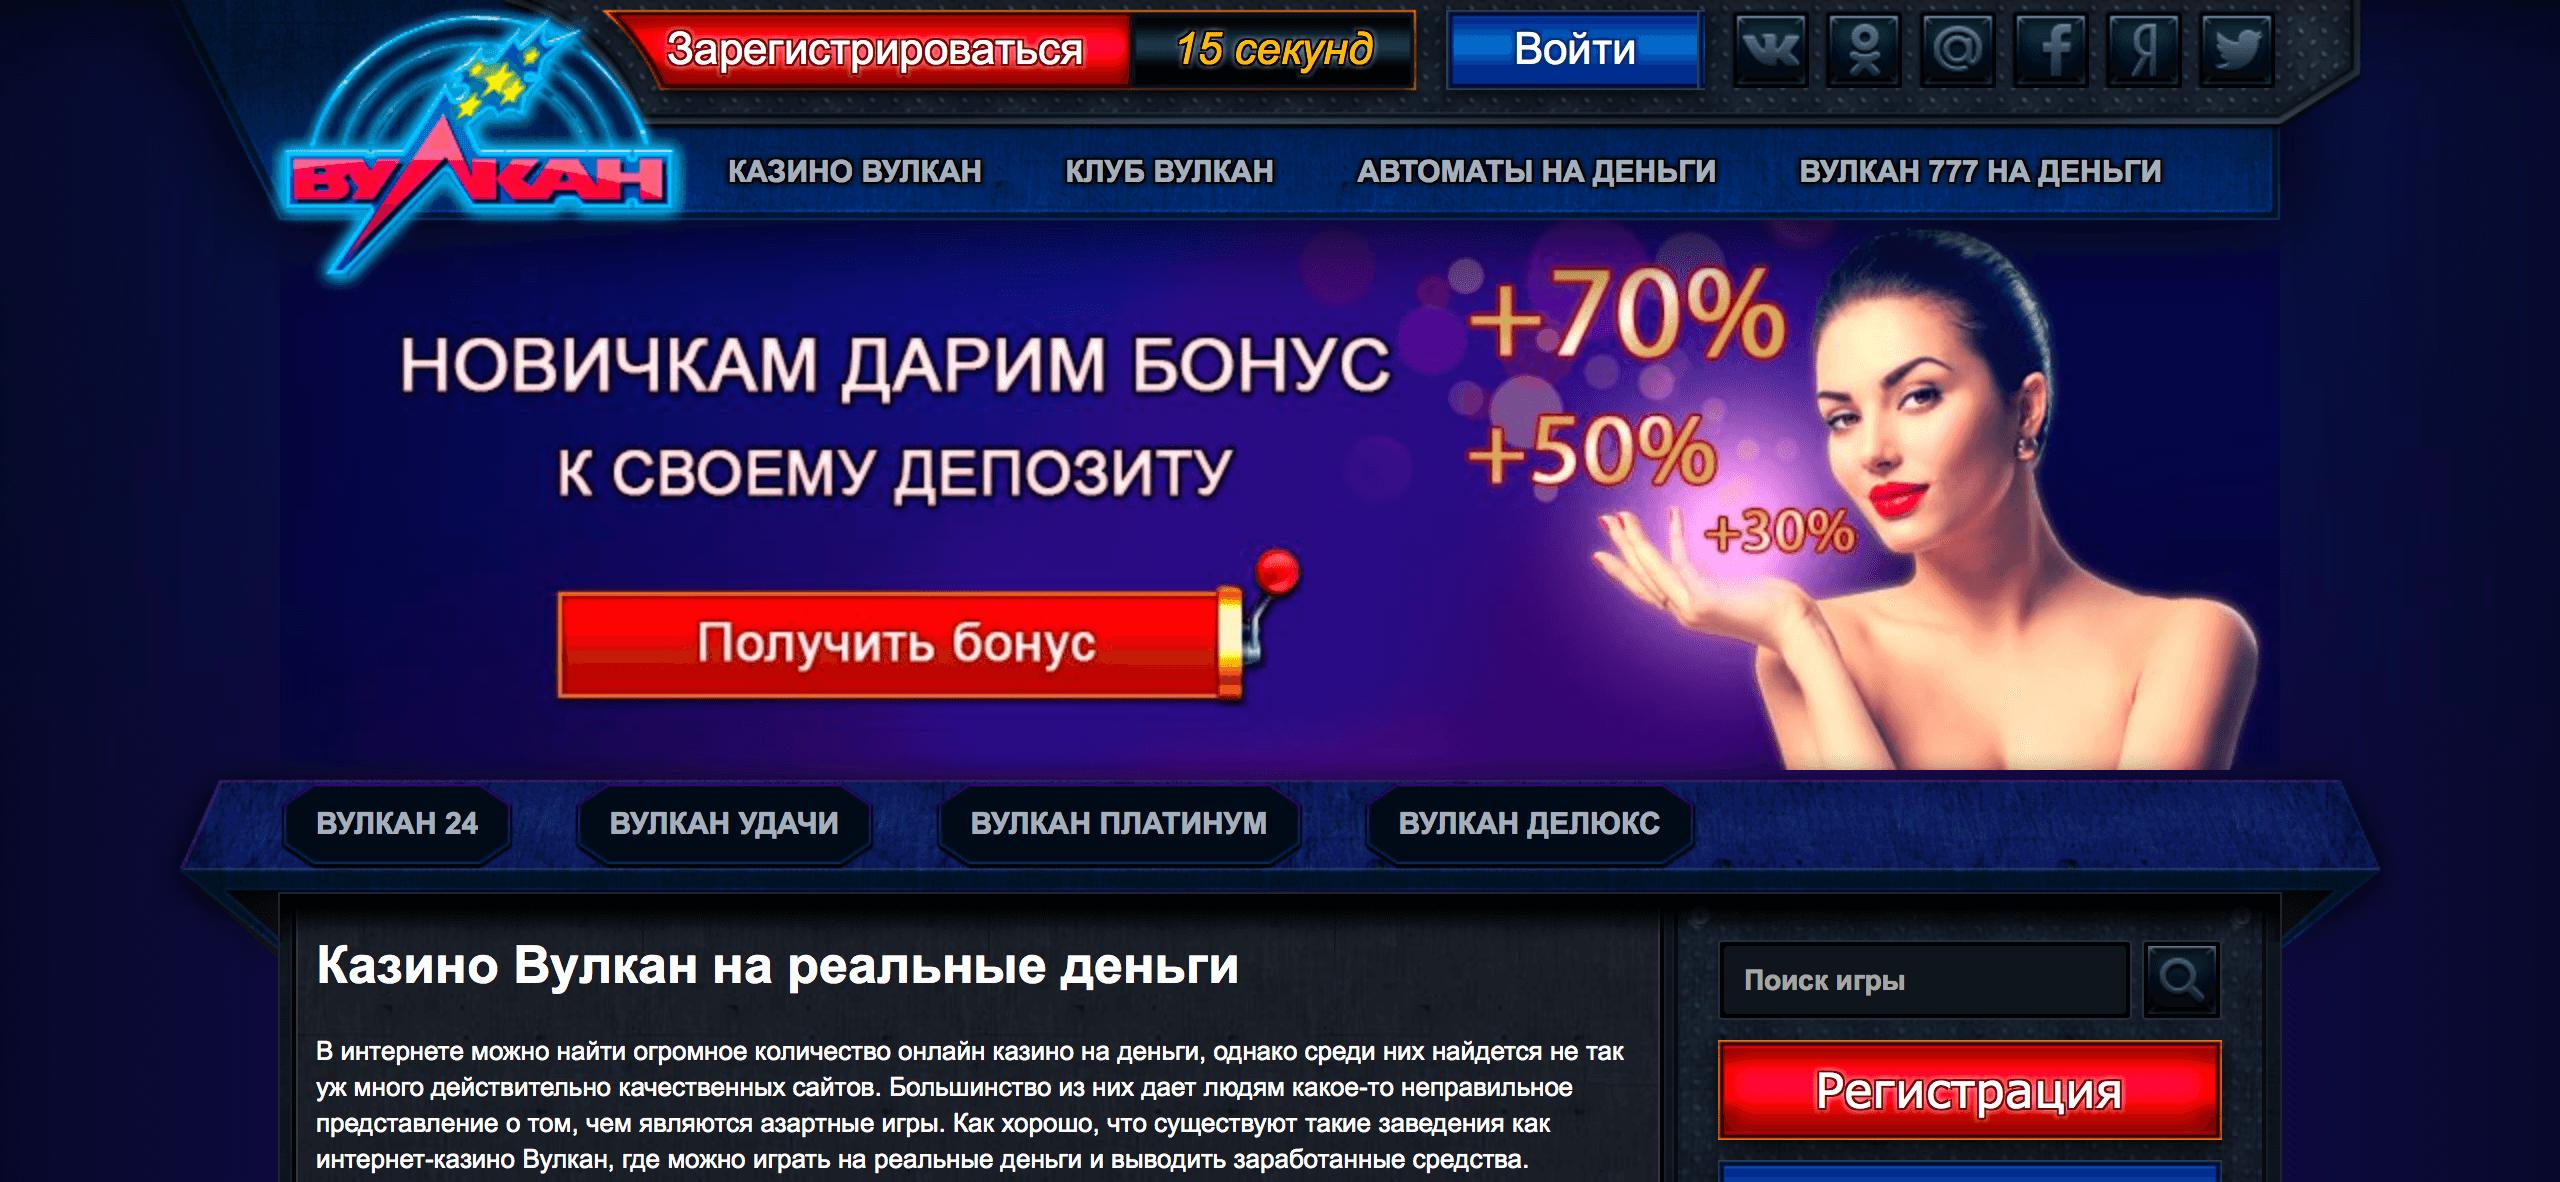 зарегистрироваться в интернет казино